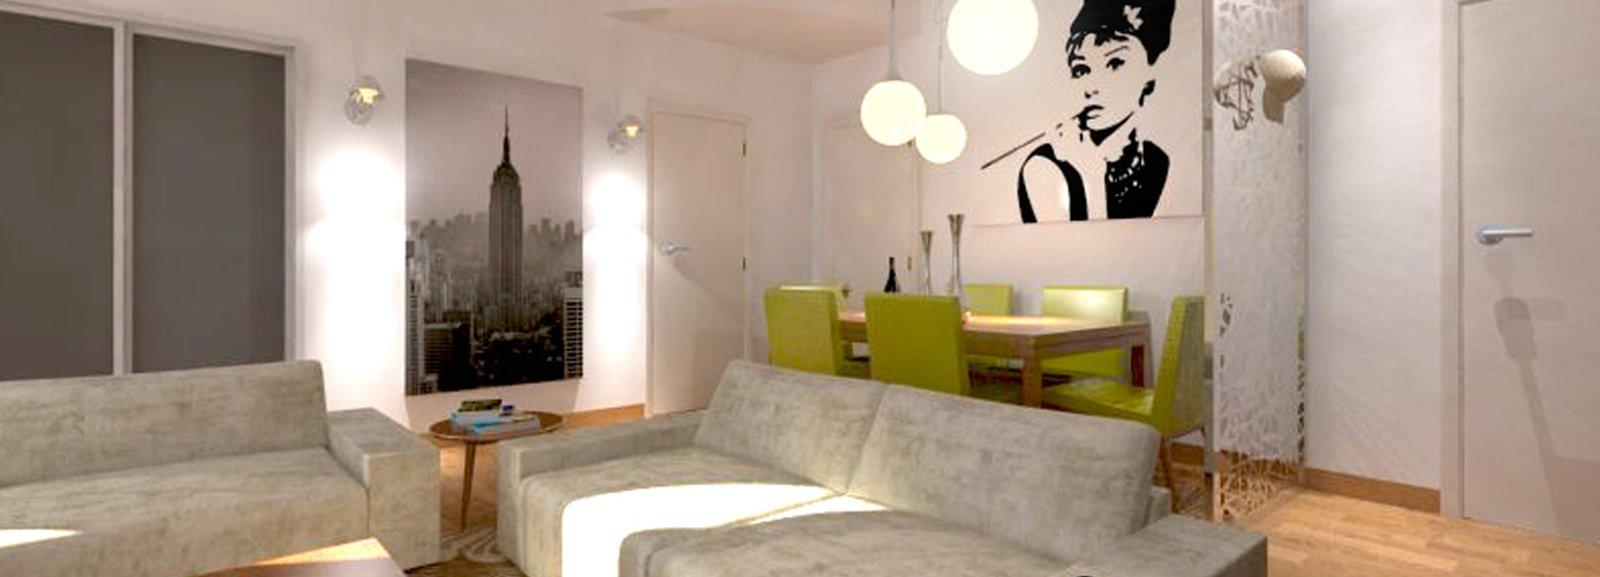 Idee Di Bagno : Divano luci e tavolo quale disposizione cose di casa